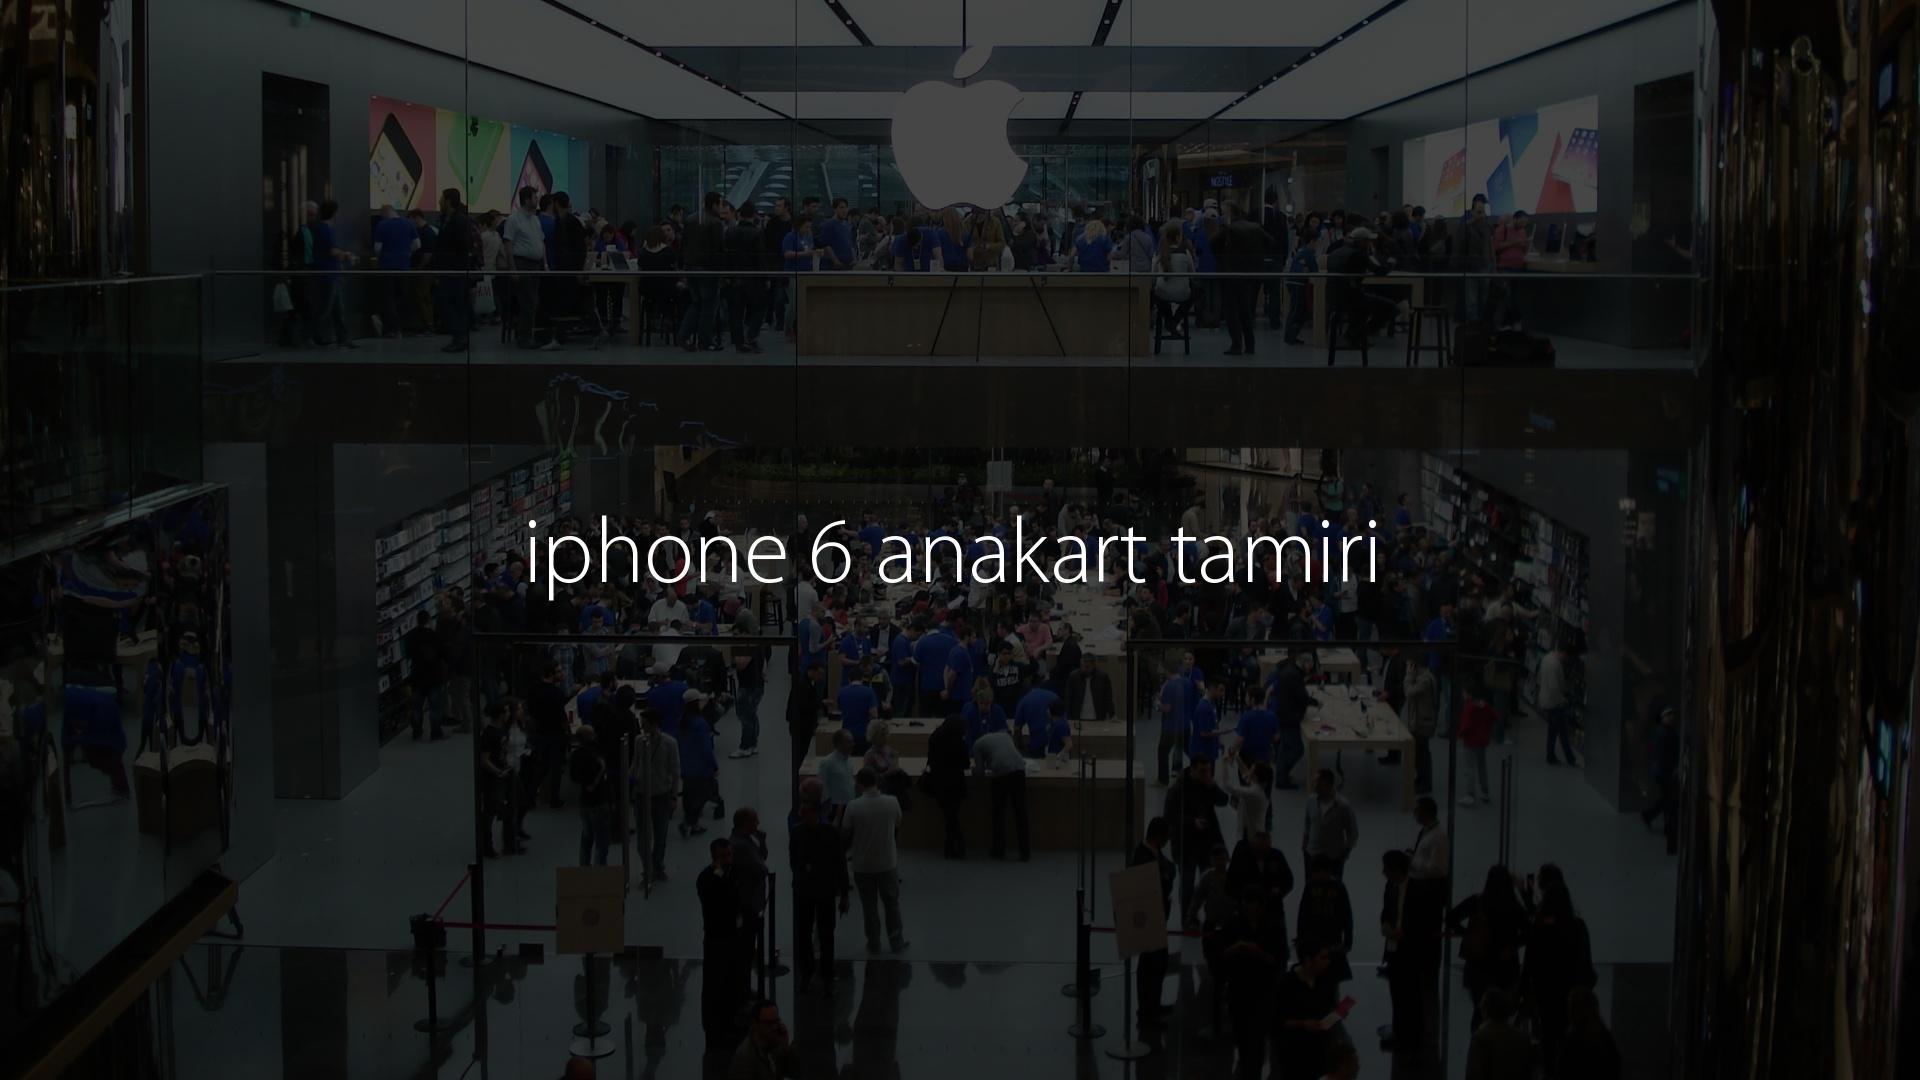 iphone 6 anakart tamiri